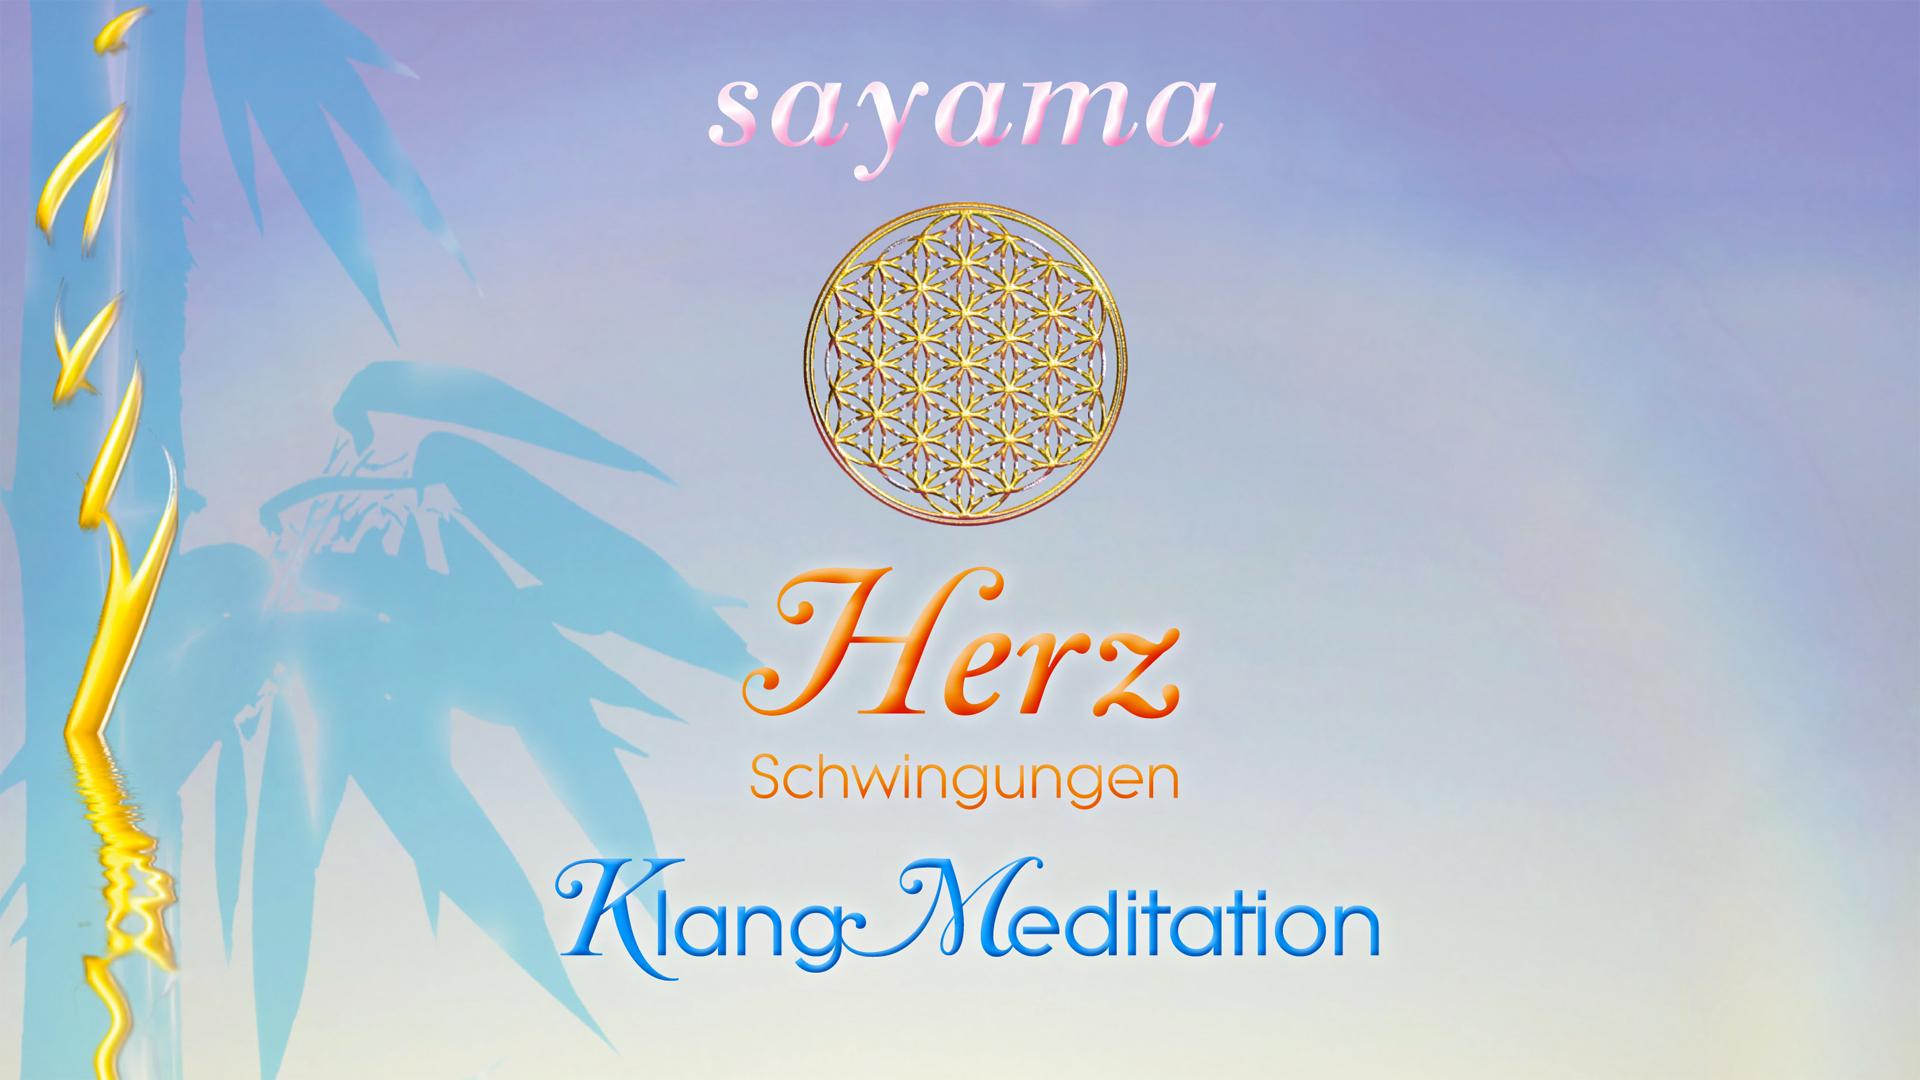 Herz Schwingungen Klang~Meditation zum VollMond im August mit den Planetentönen OM & Uranus